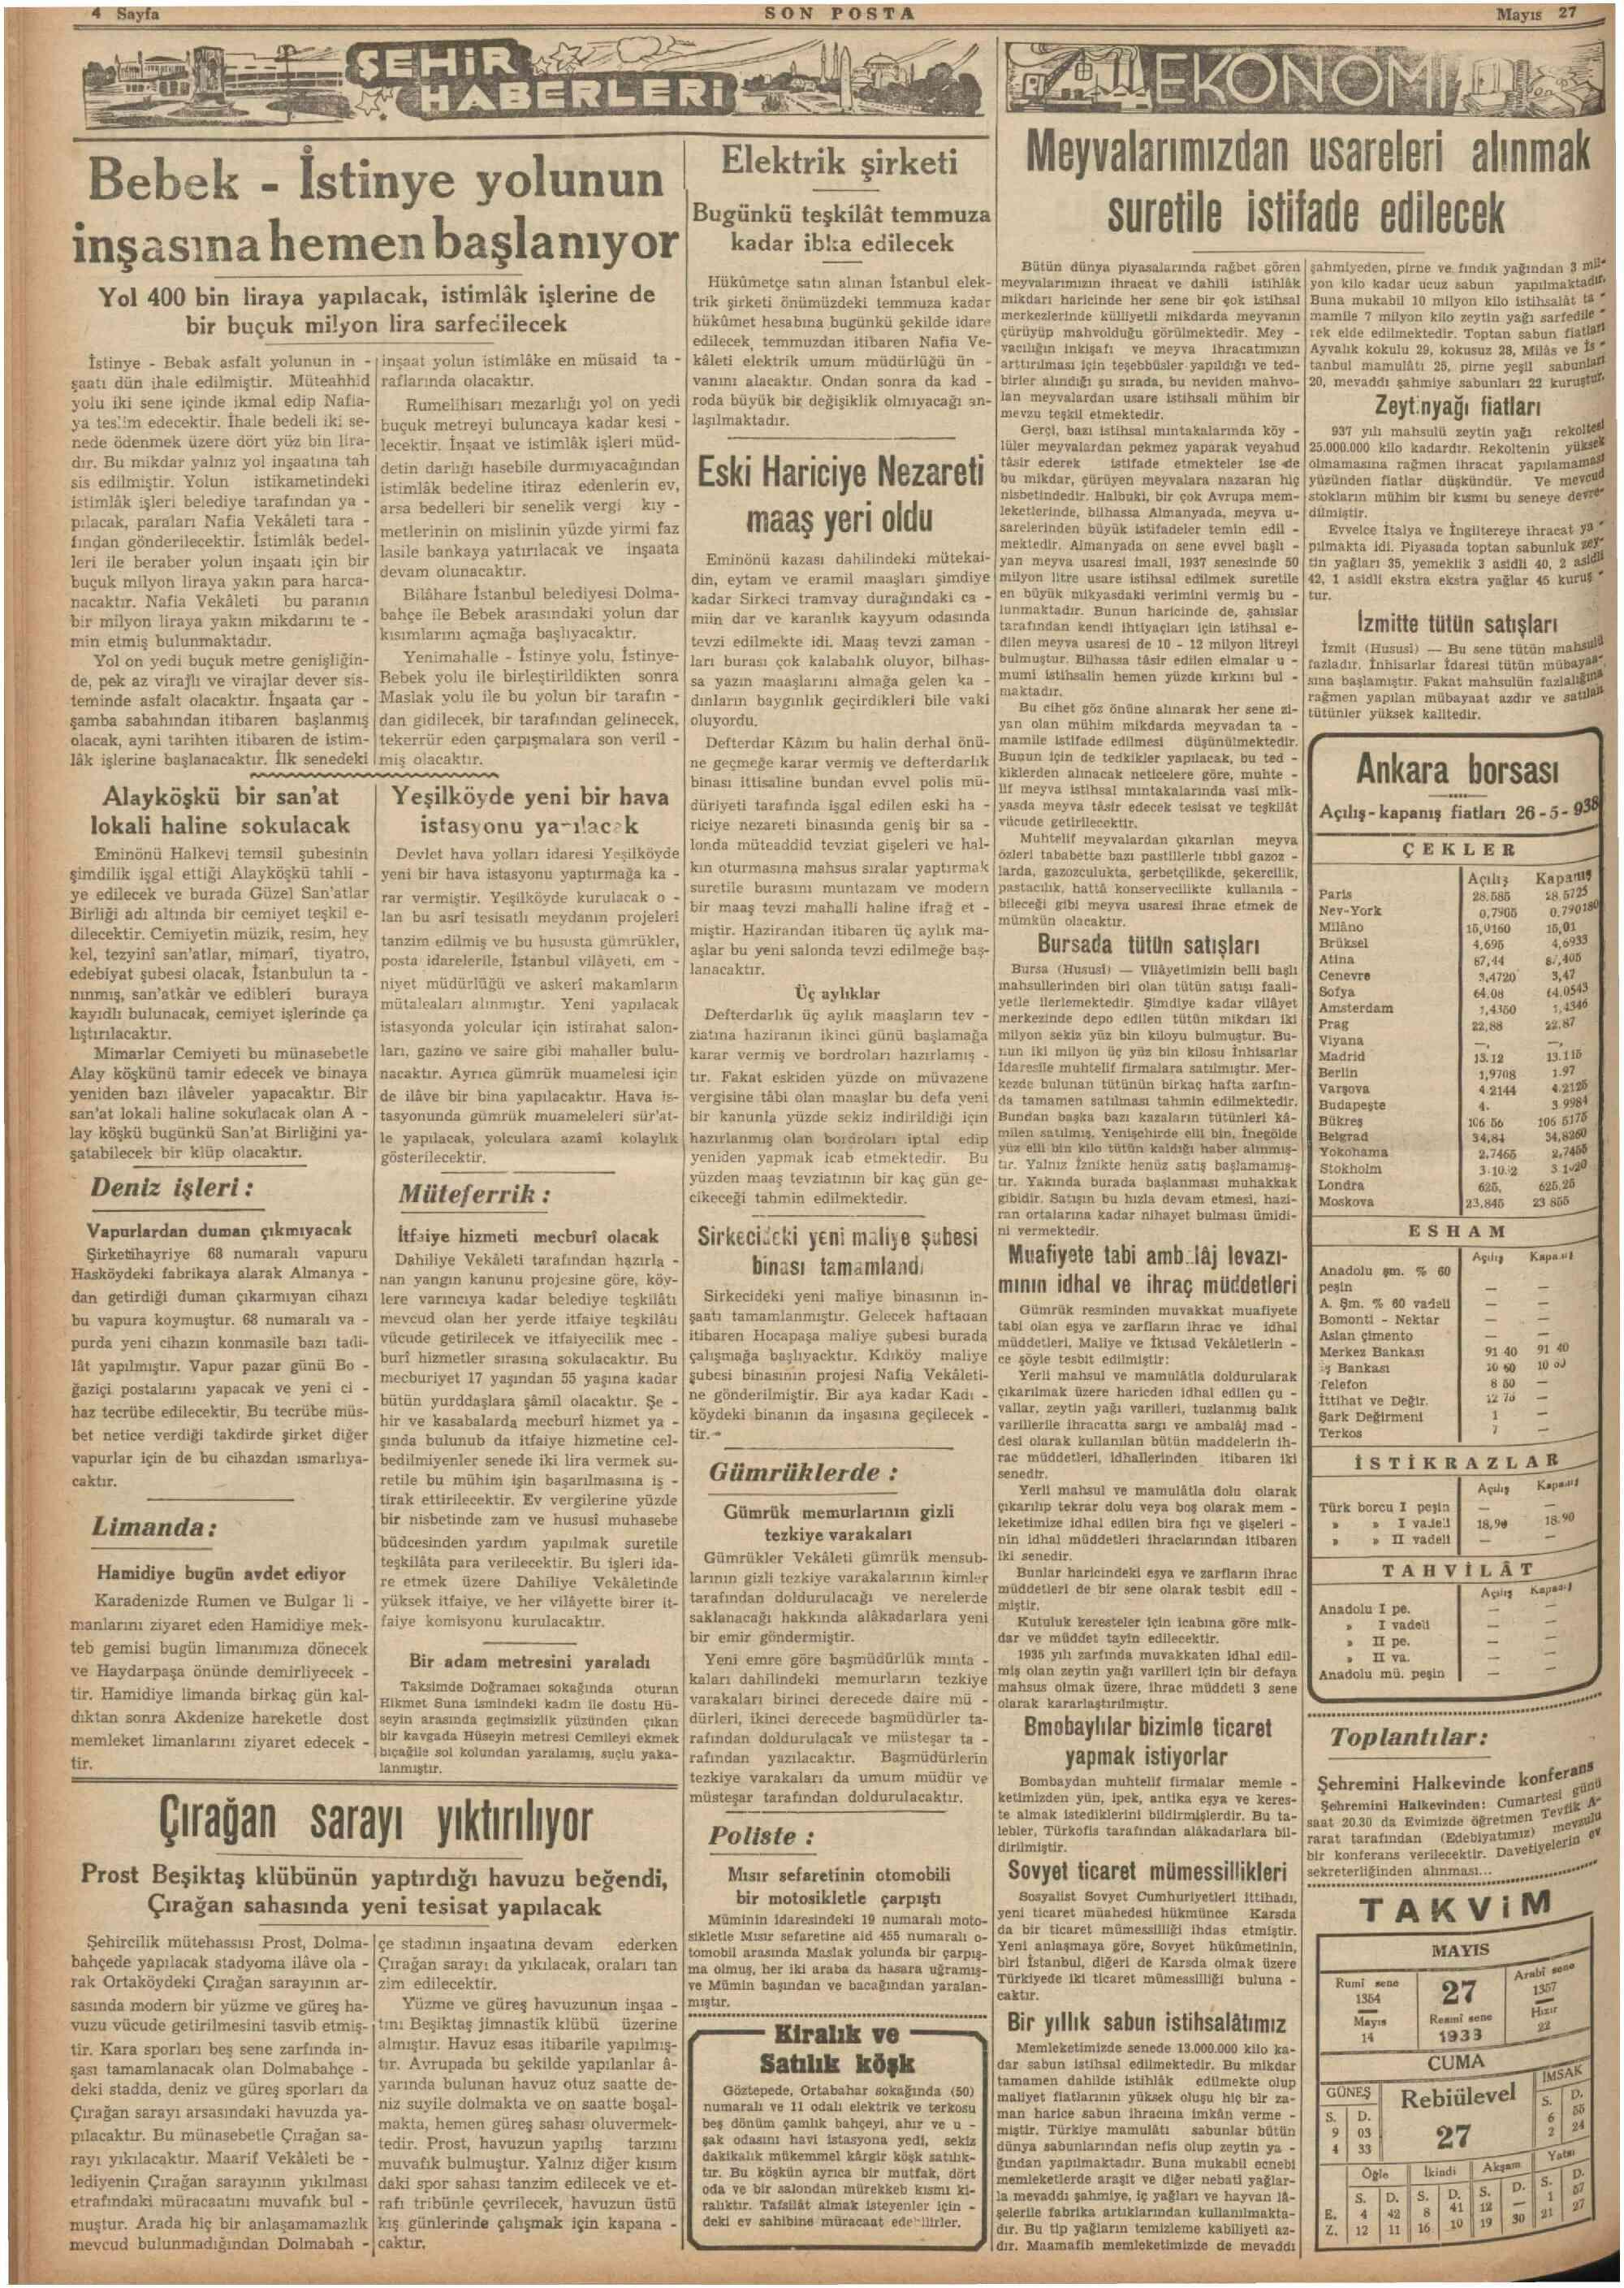 May 27, 1938 Tarihli Son Posta Dergisi Sayfa 4